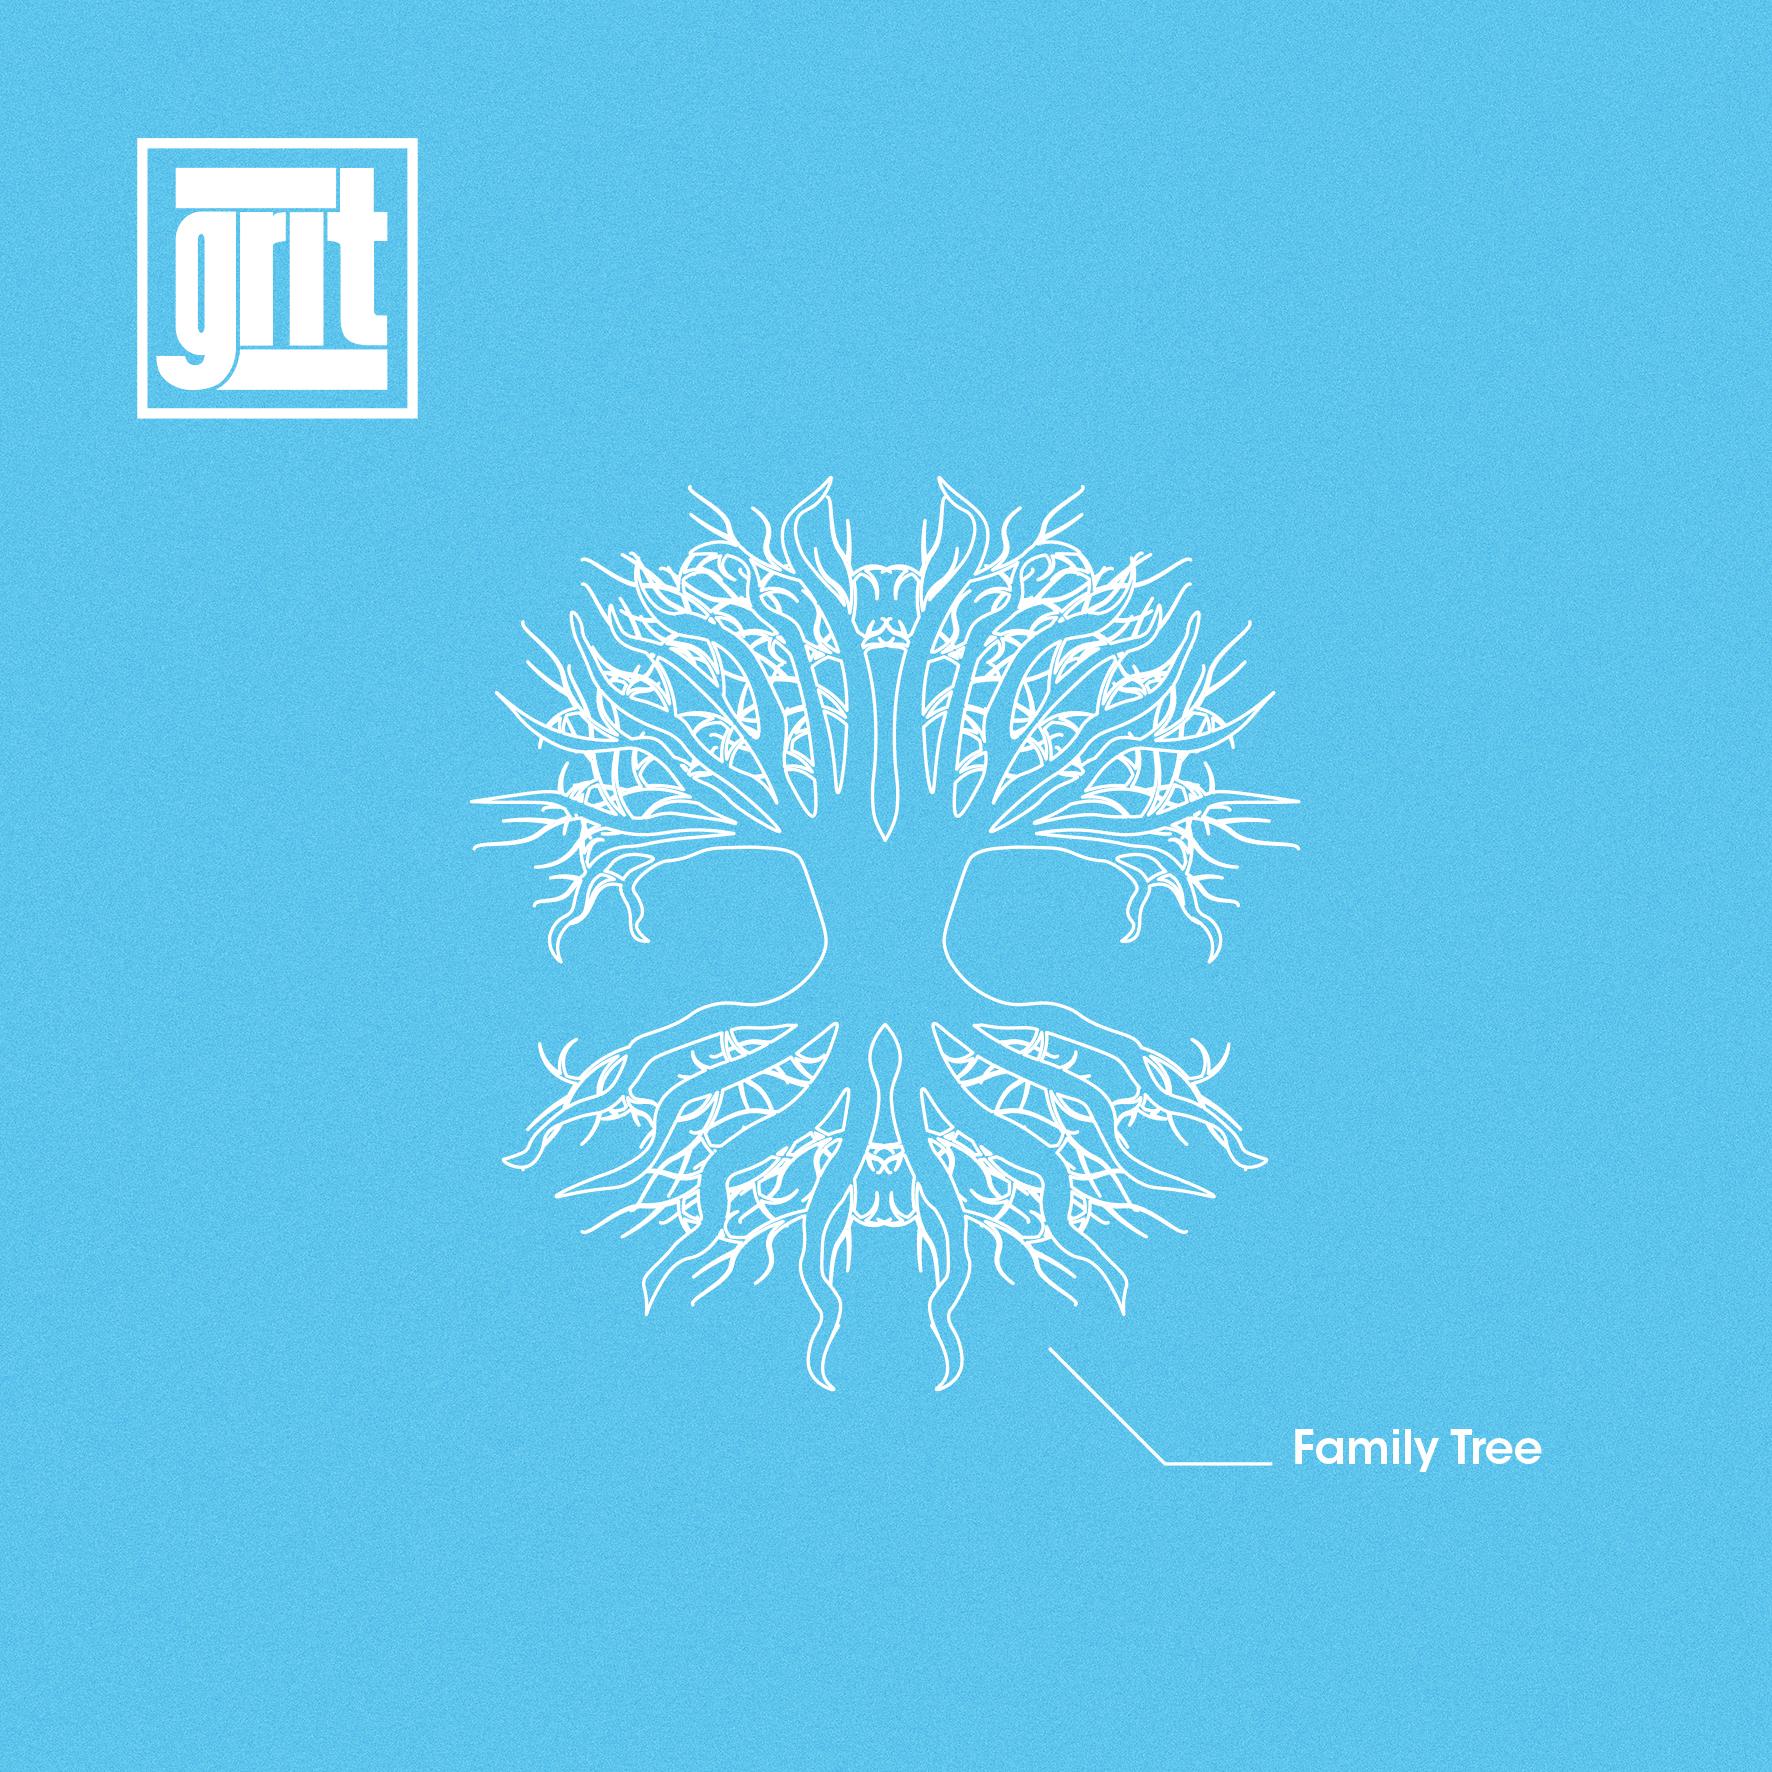 Family tree rvb.jpg